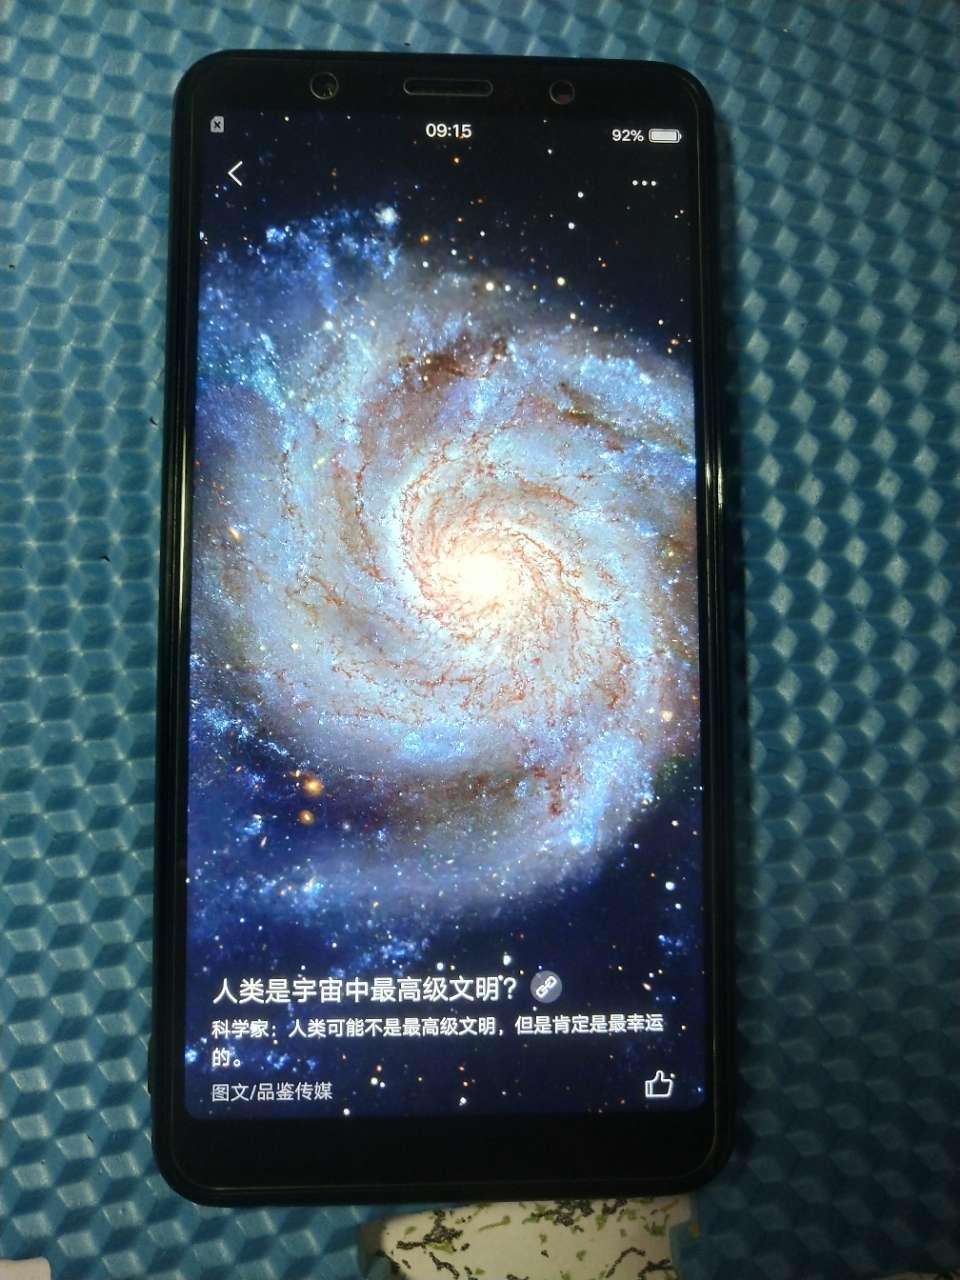 出售vivo x20plus大屏幕手机,内存4+64G,大屏幕看电影合适图2